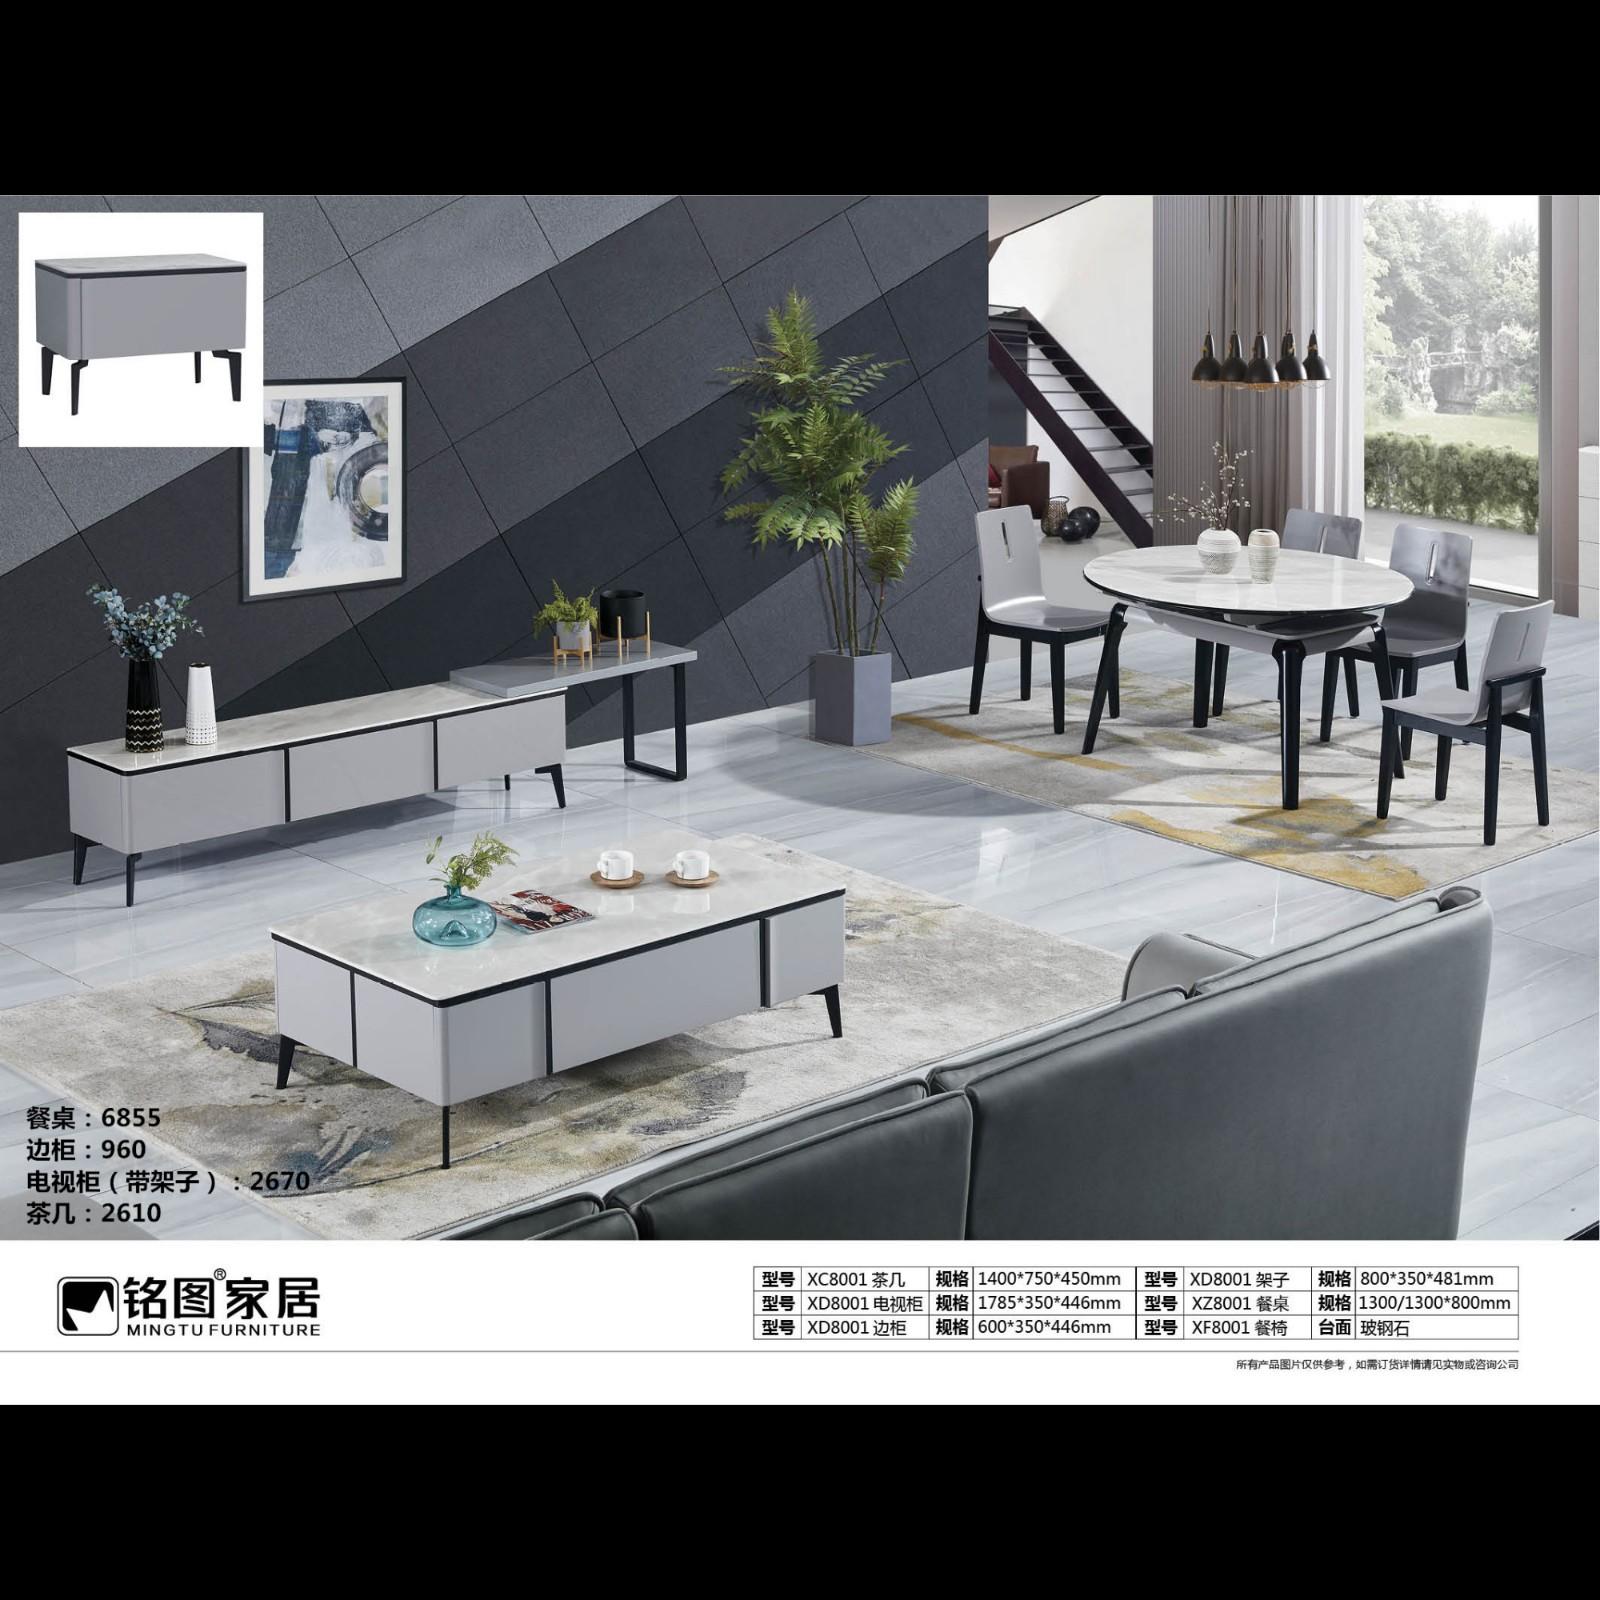 安顺铭图家居 折叠餐桌 茶几 电视柜 餐桌1+6全套 铭图客厅家具